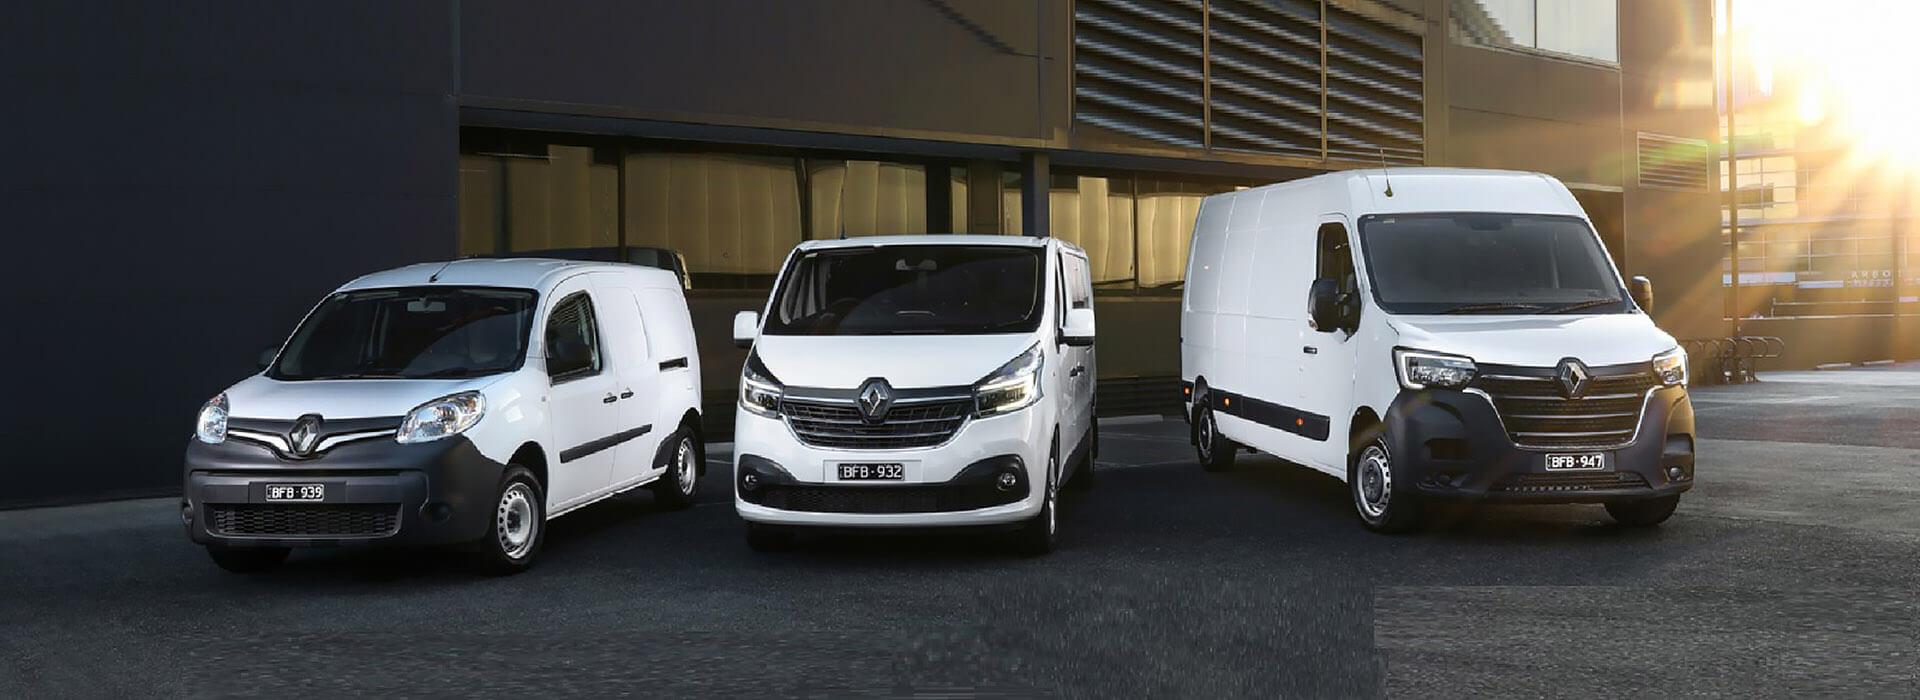 DC Motors Renault Fleet